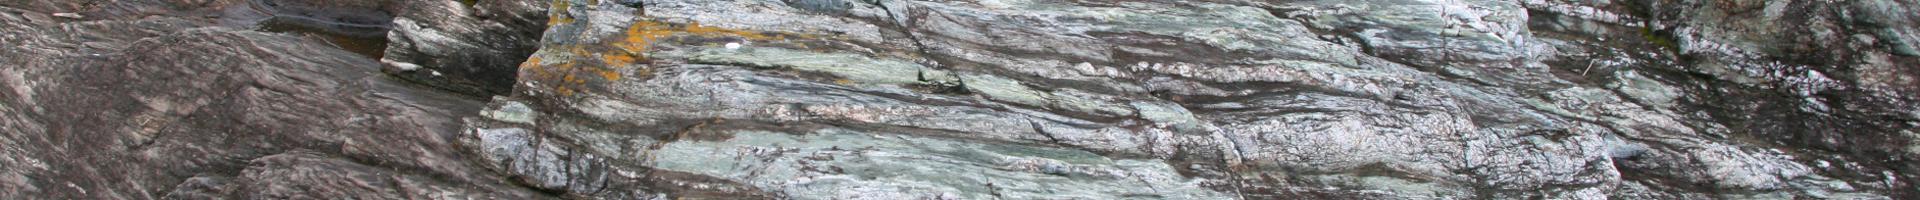 長瀞結晶片岩